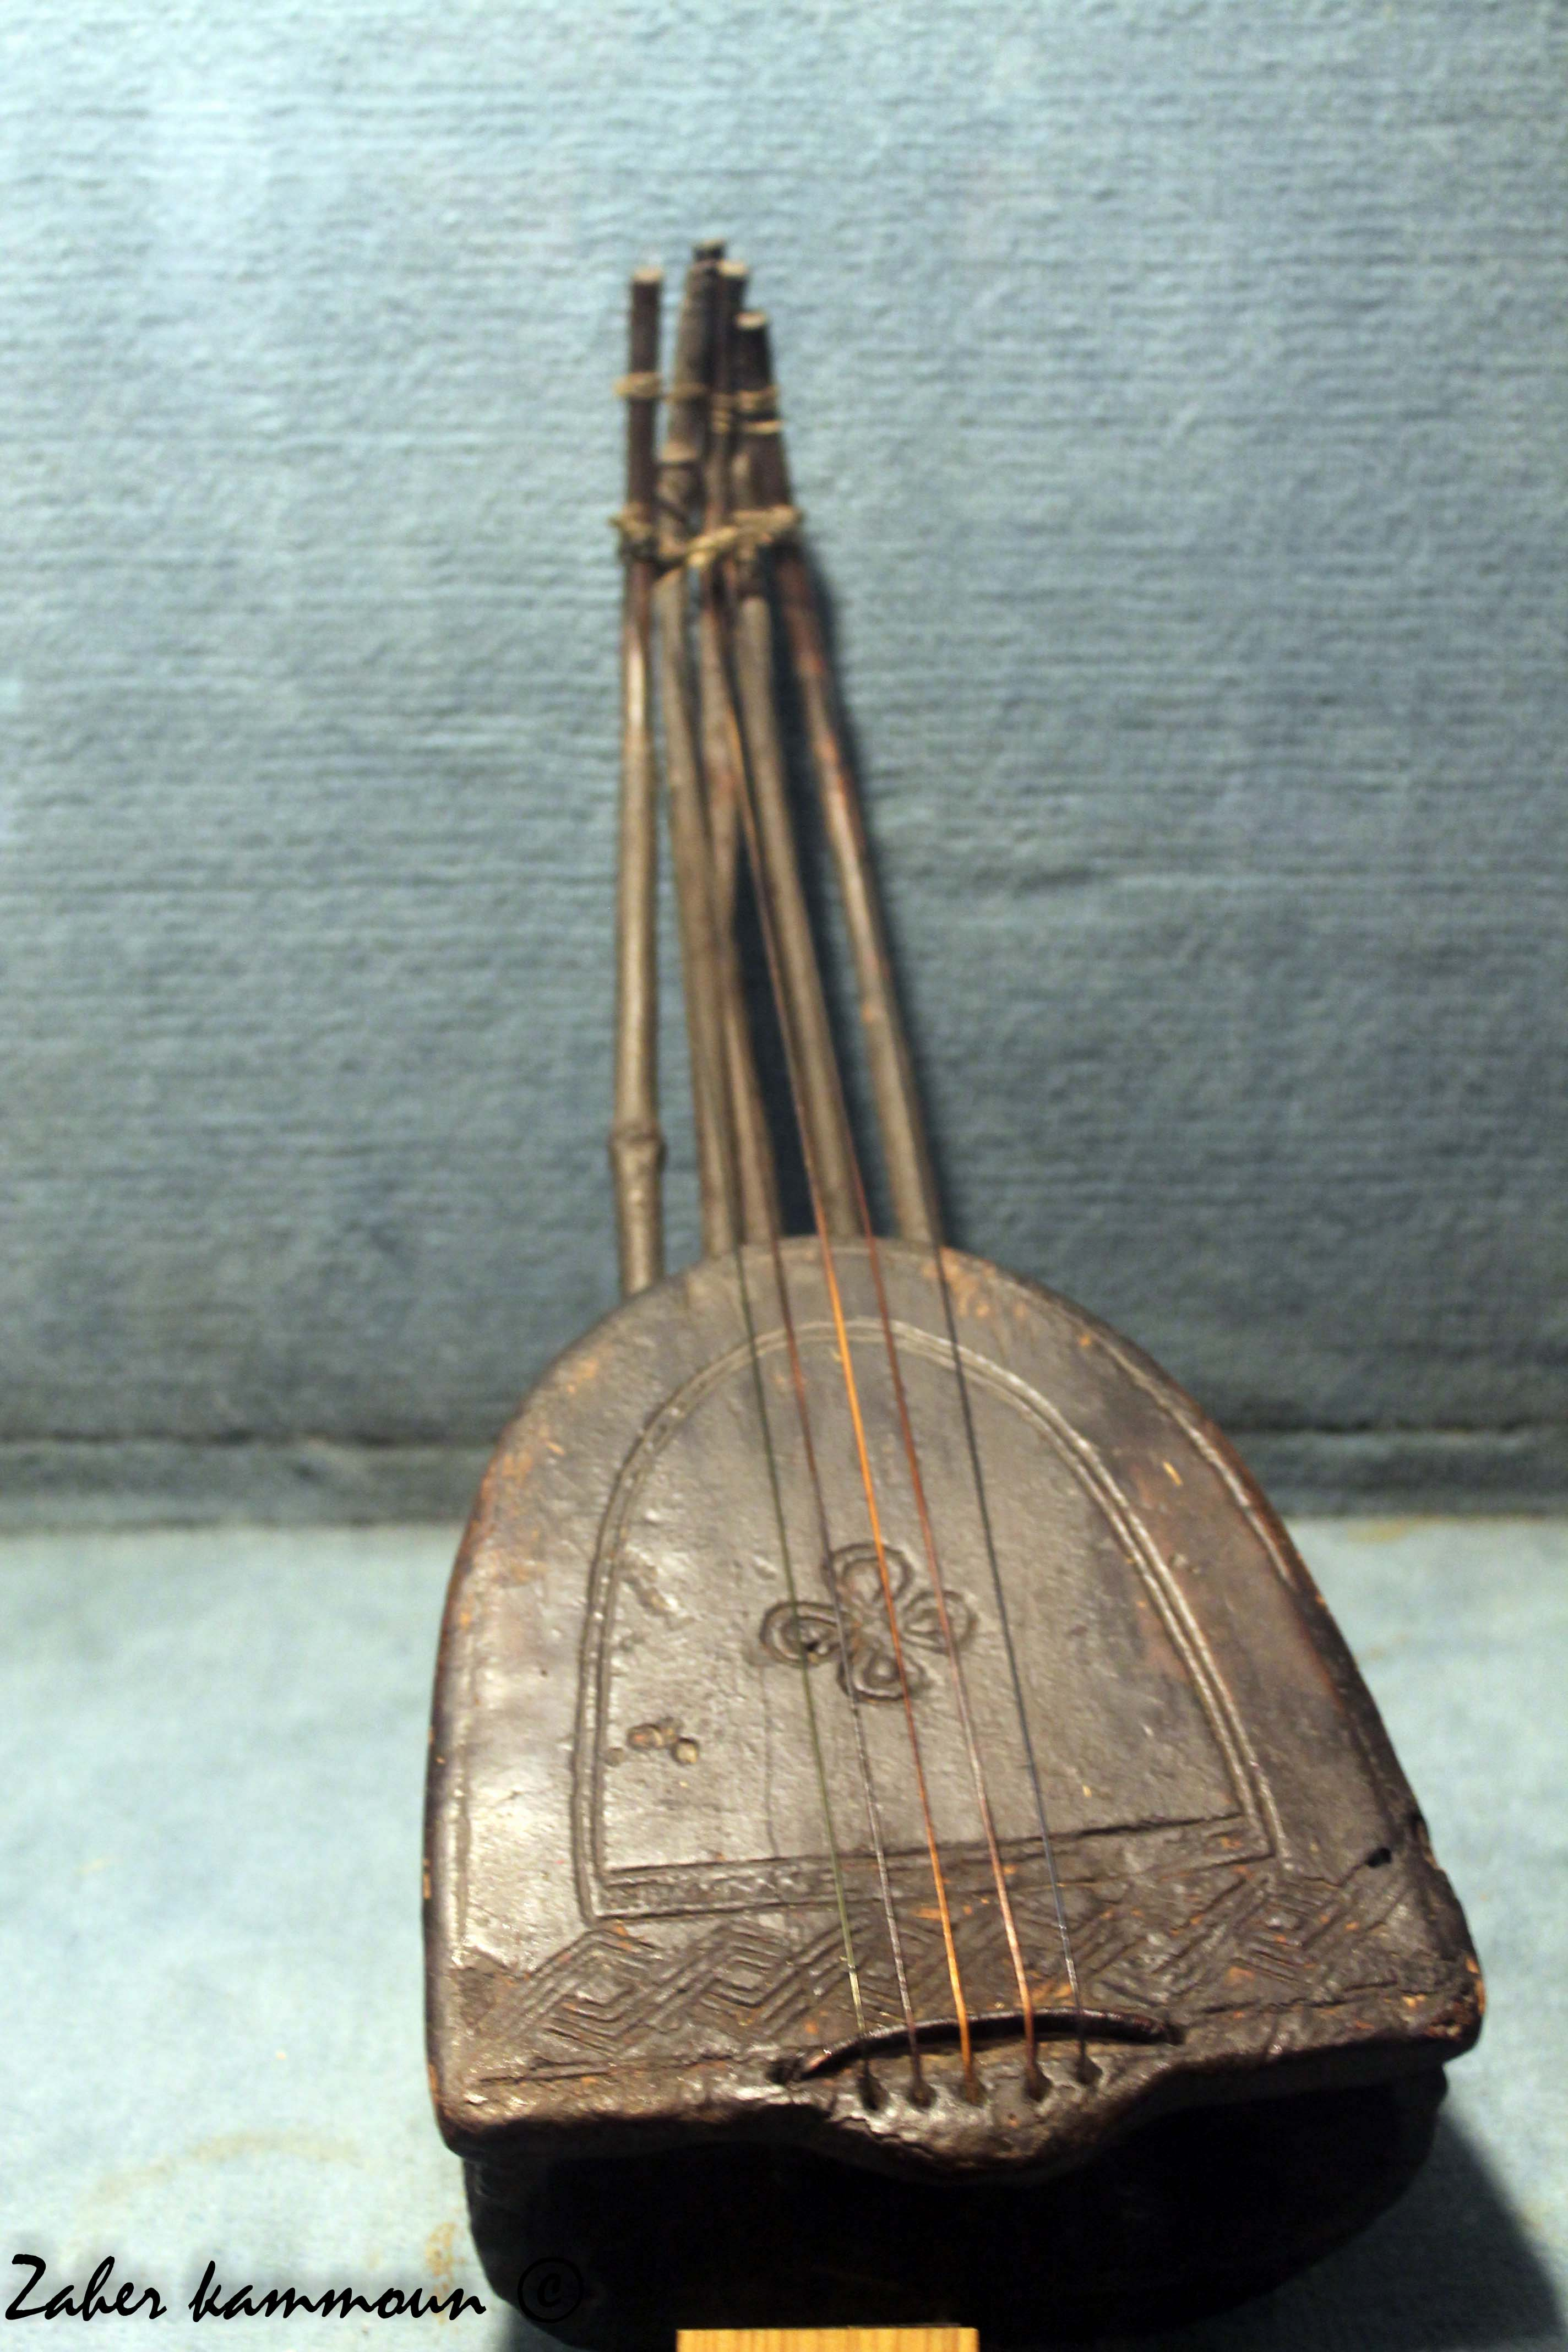 لوحة عدد 3 : صورة لآلة ڨنبري تم اقتناؤها من تونس سنة 1903 محفوظة بمتحف الآلات  الموسيقية ببرلين. طولها 51.8 سنتيمترا وصندوقها من ترس سلحفاة6.